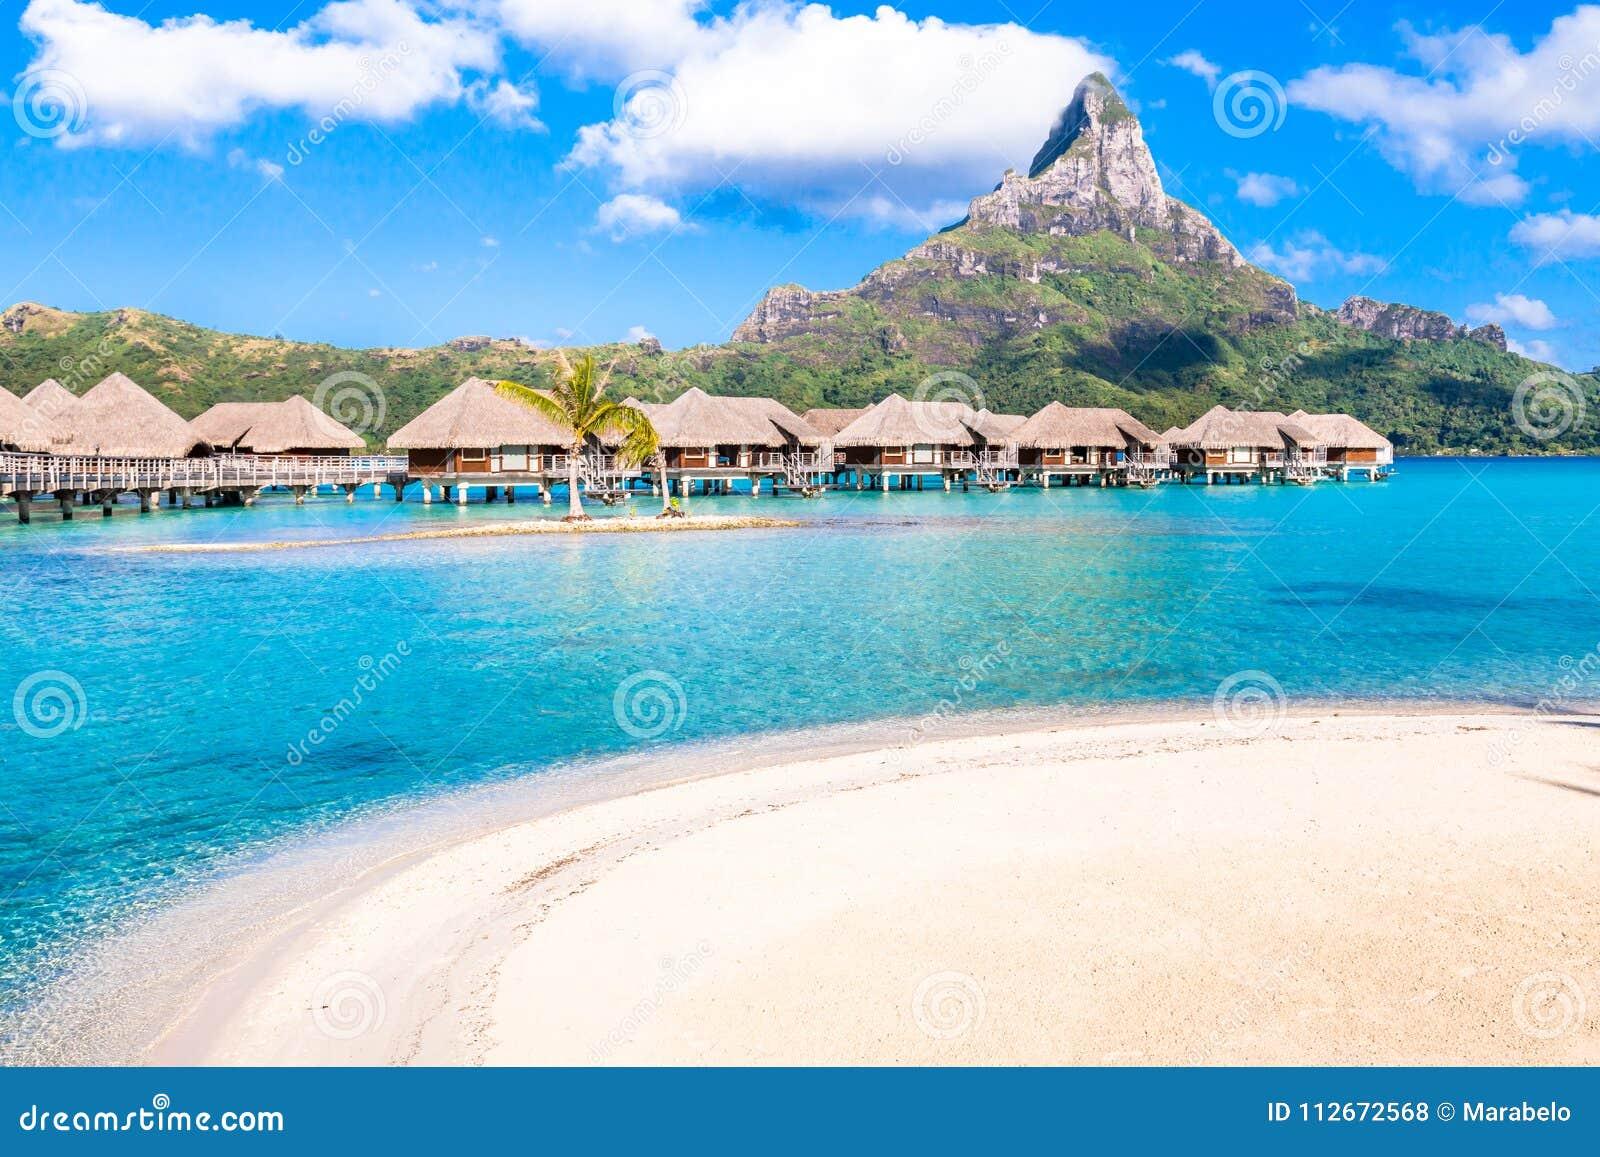 Bora Bora Island French Polynesia Stock Photo Image Of